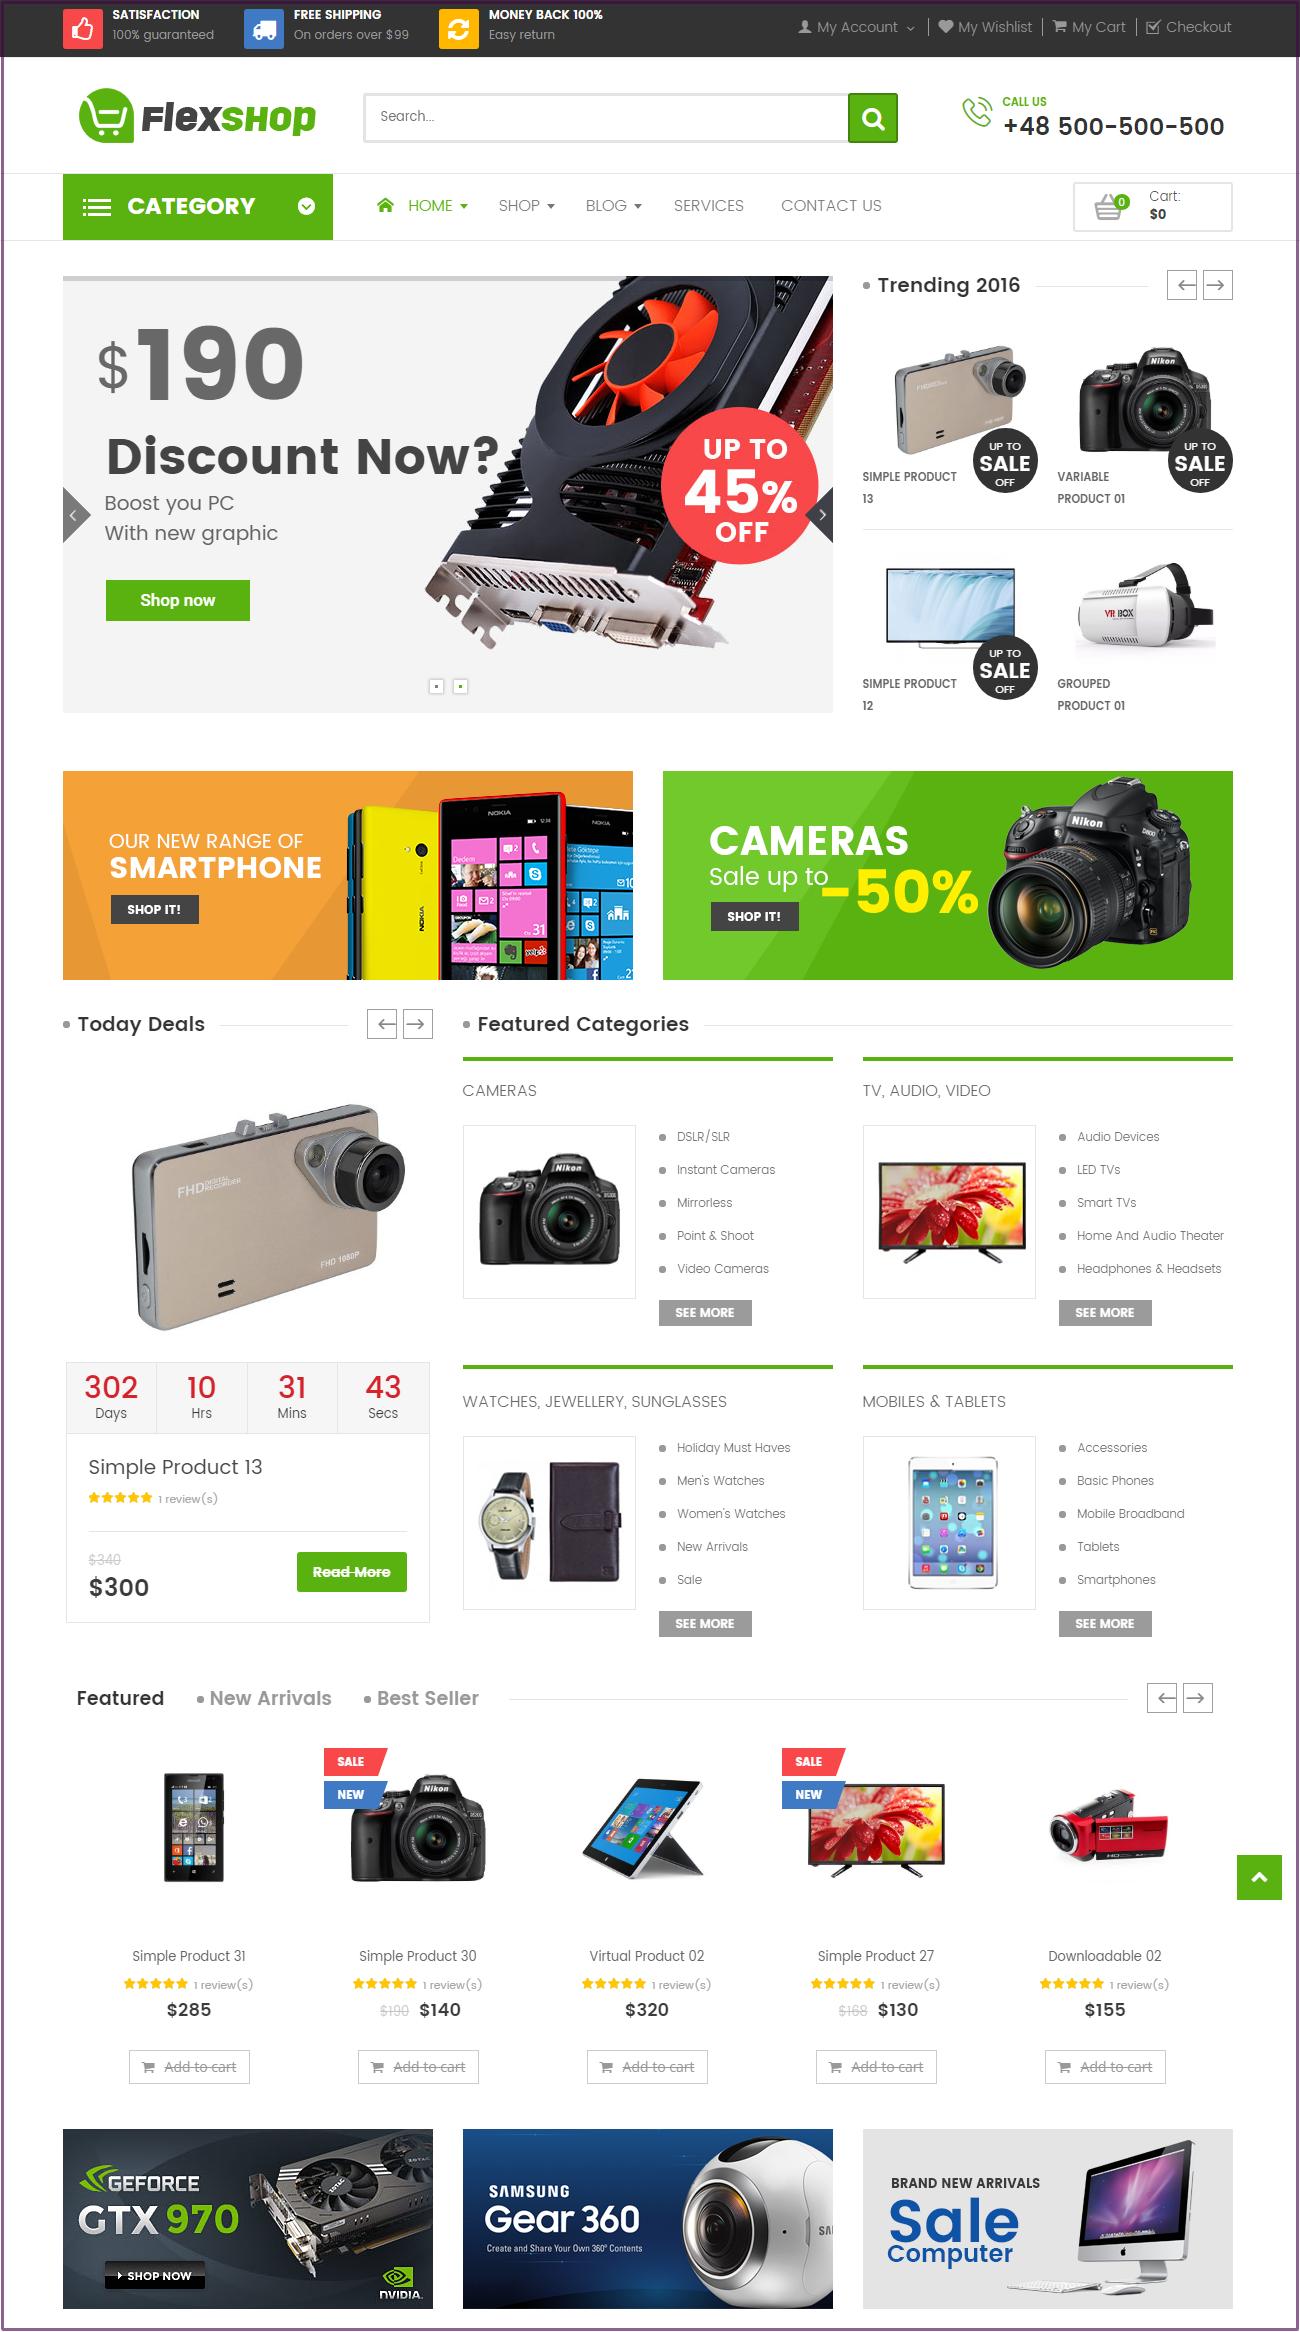 Flexshop ecommerce theme wordpress